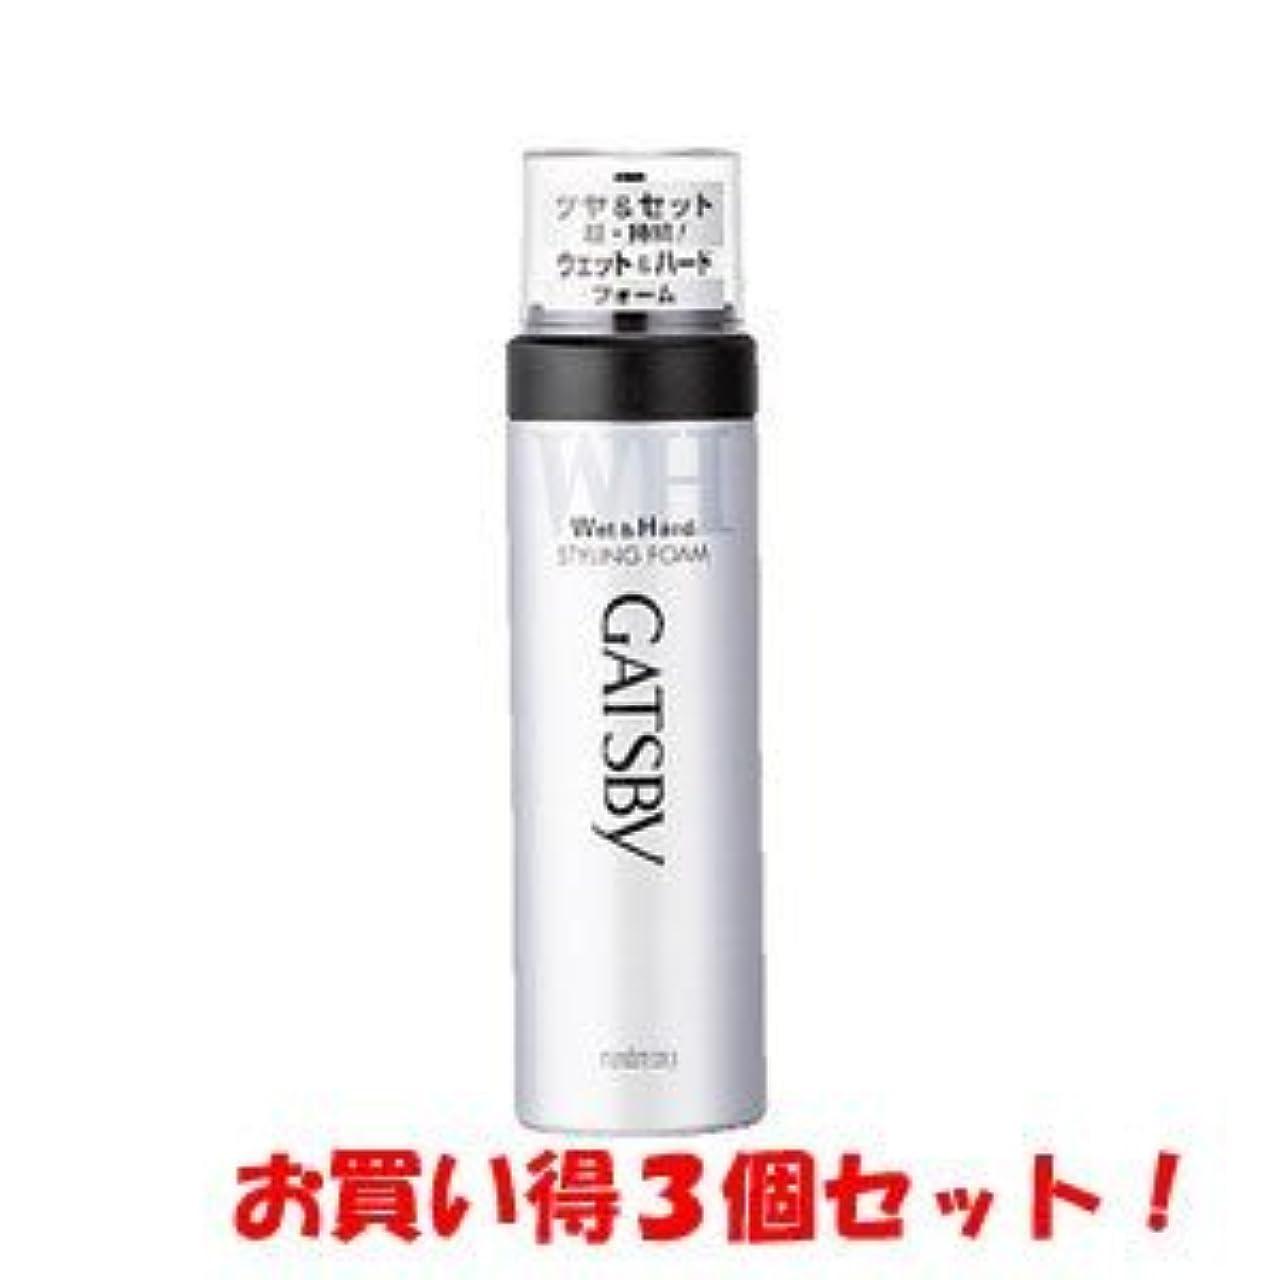 調和出演者新着ギャツビー【GATSBY】スタイリングフォーム ウェット&ハード 185g(お買い得3個セット)